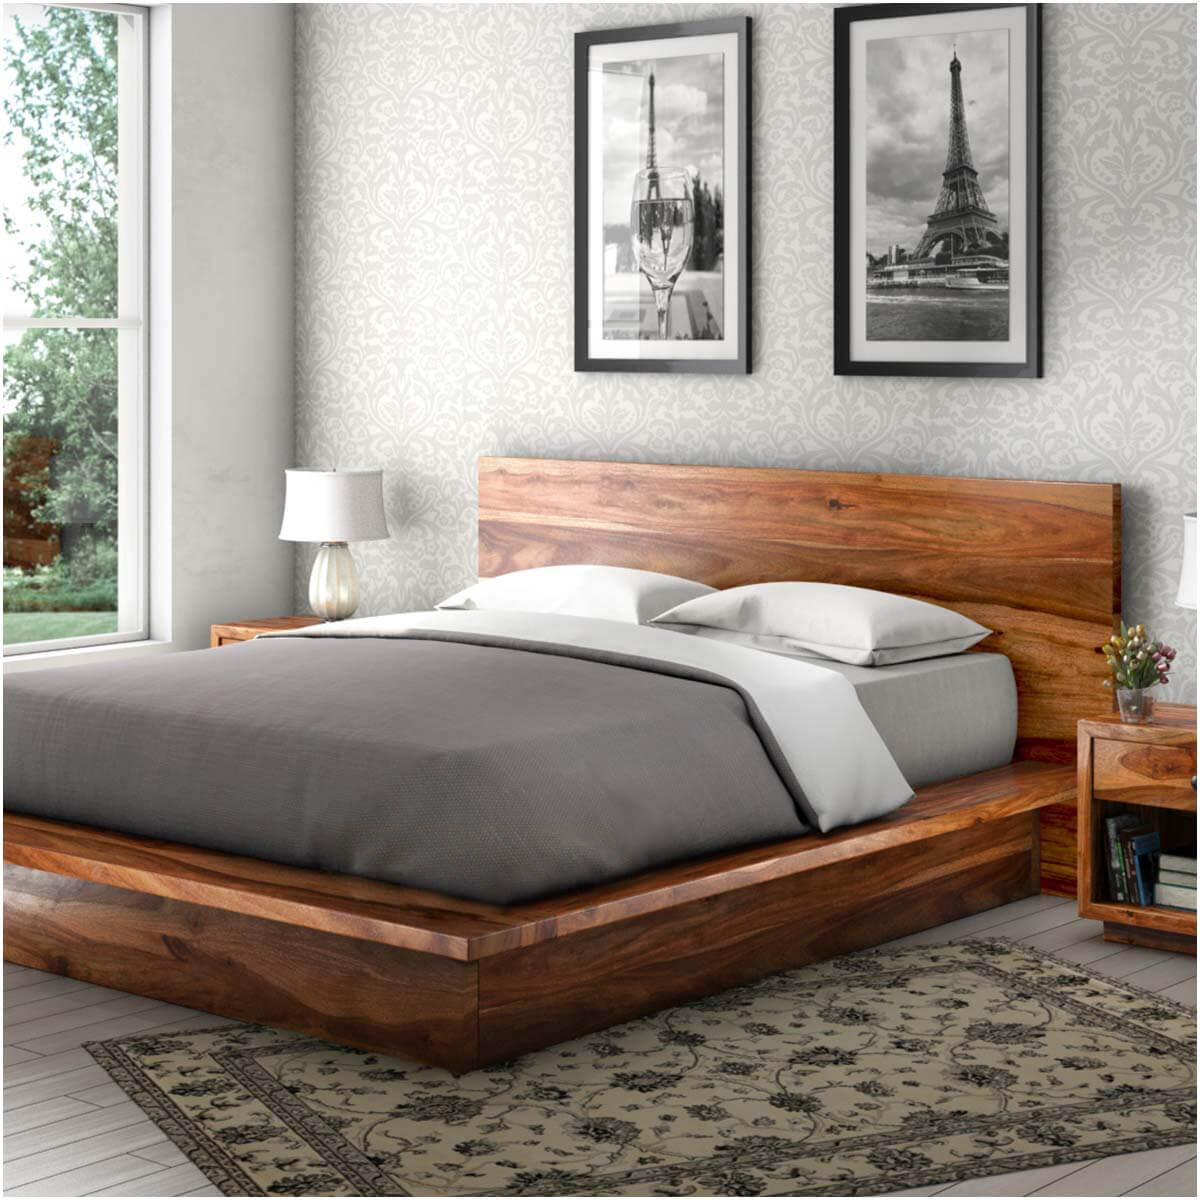 Solid wood beds delaware solid wood platform bed frame JUZTJNB